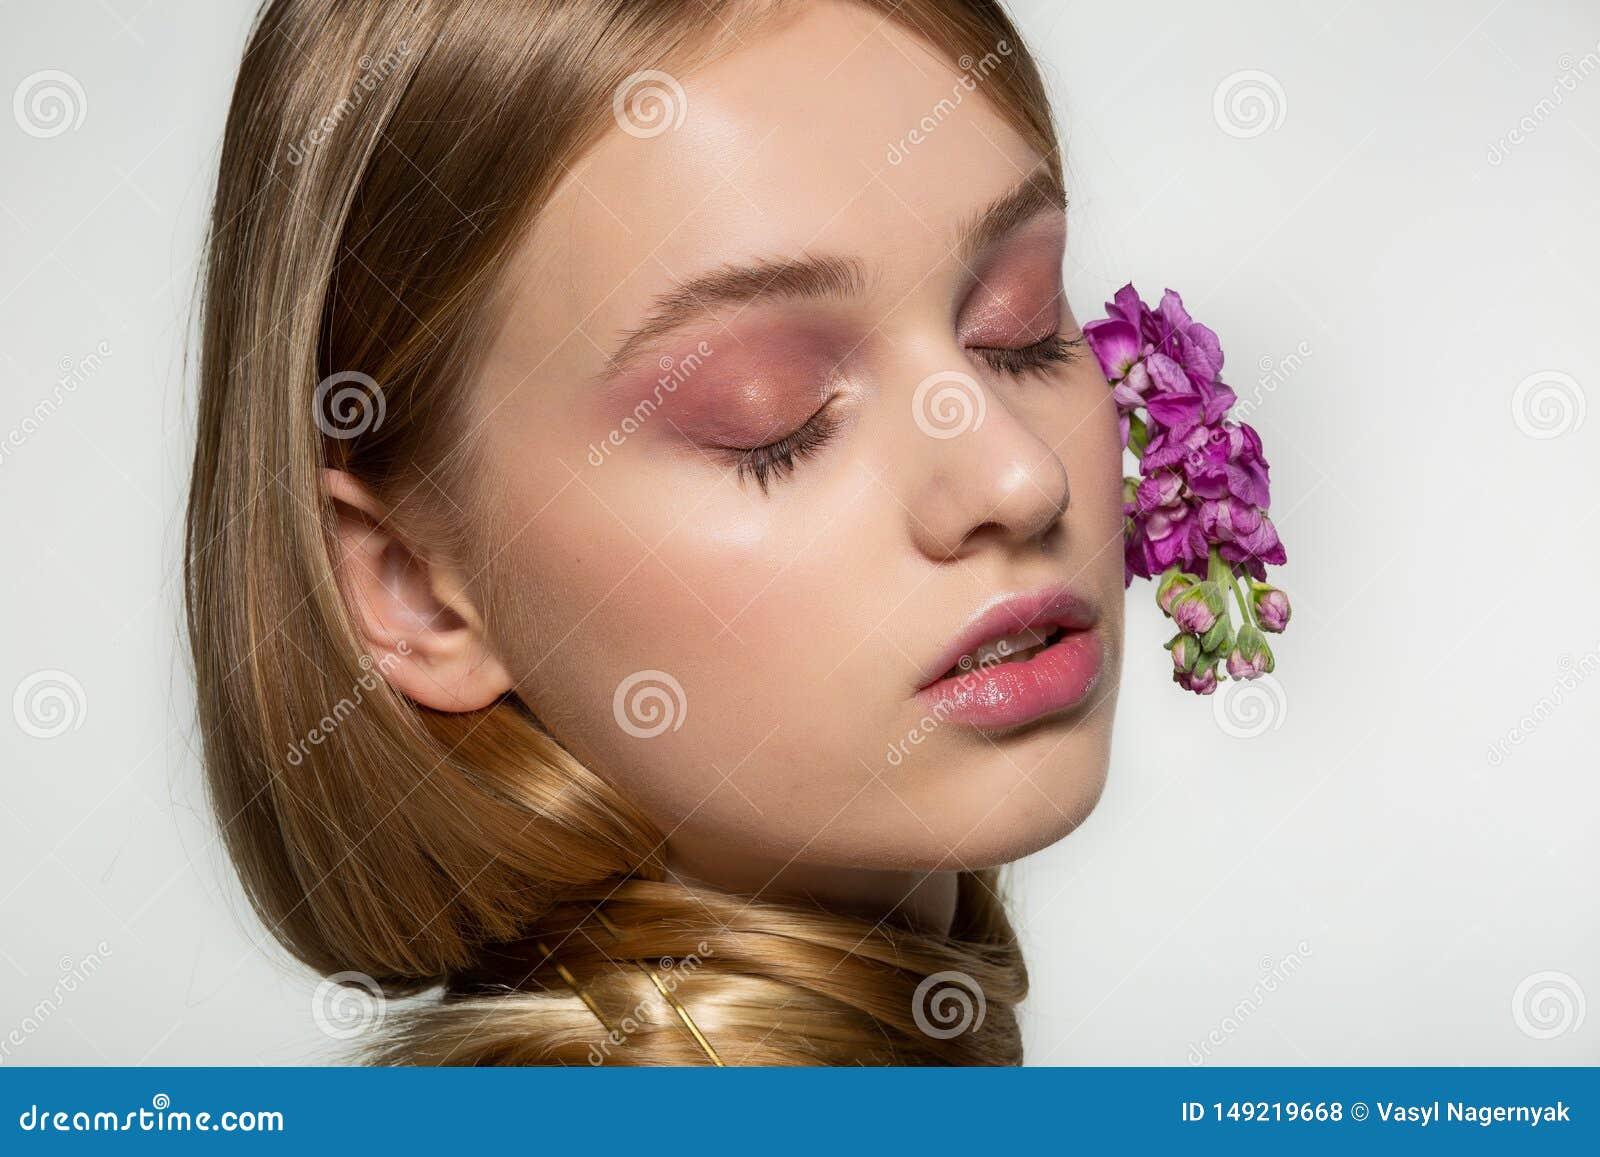 Κλείστε επάνω το πορτρέτο του νέου κοριτσιού με τις ιδιαίτερες προσοχές, φωτεινό makeup, λαιμός που τυλίγεται στην τρίχα, πορφυρά